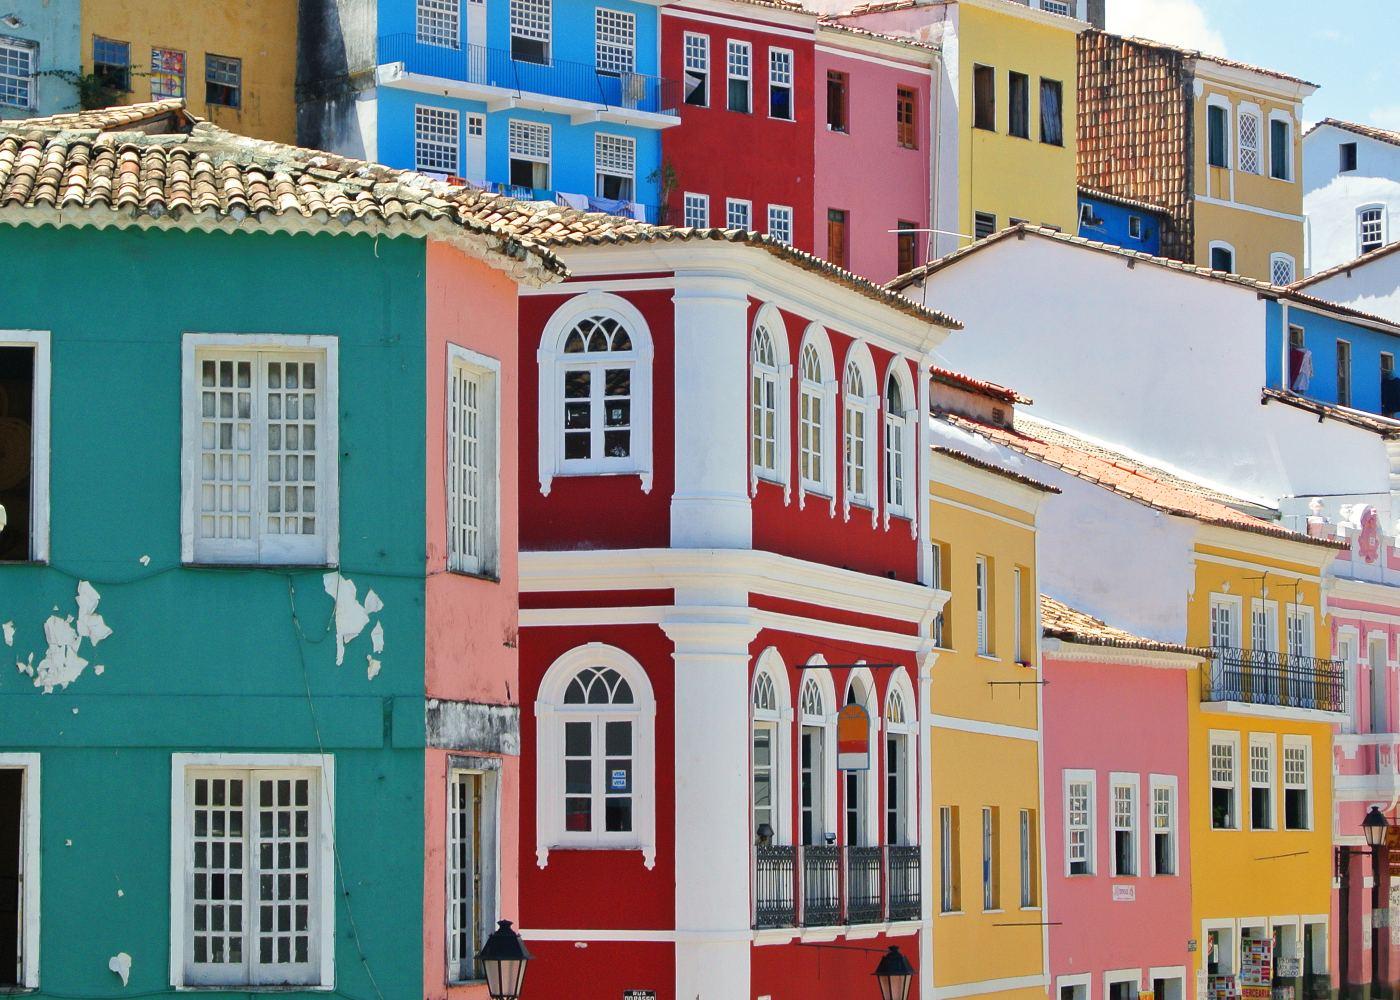 Casas coloridas em Salvador da Bahia